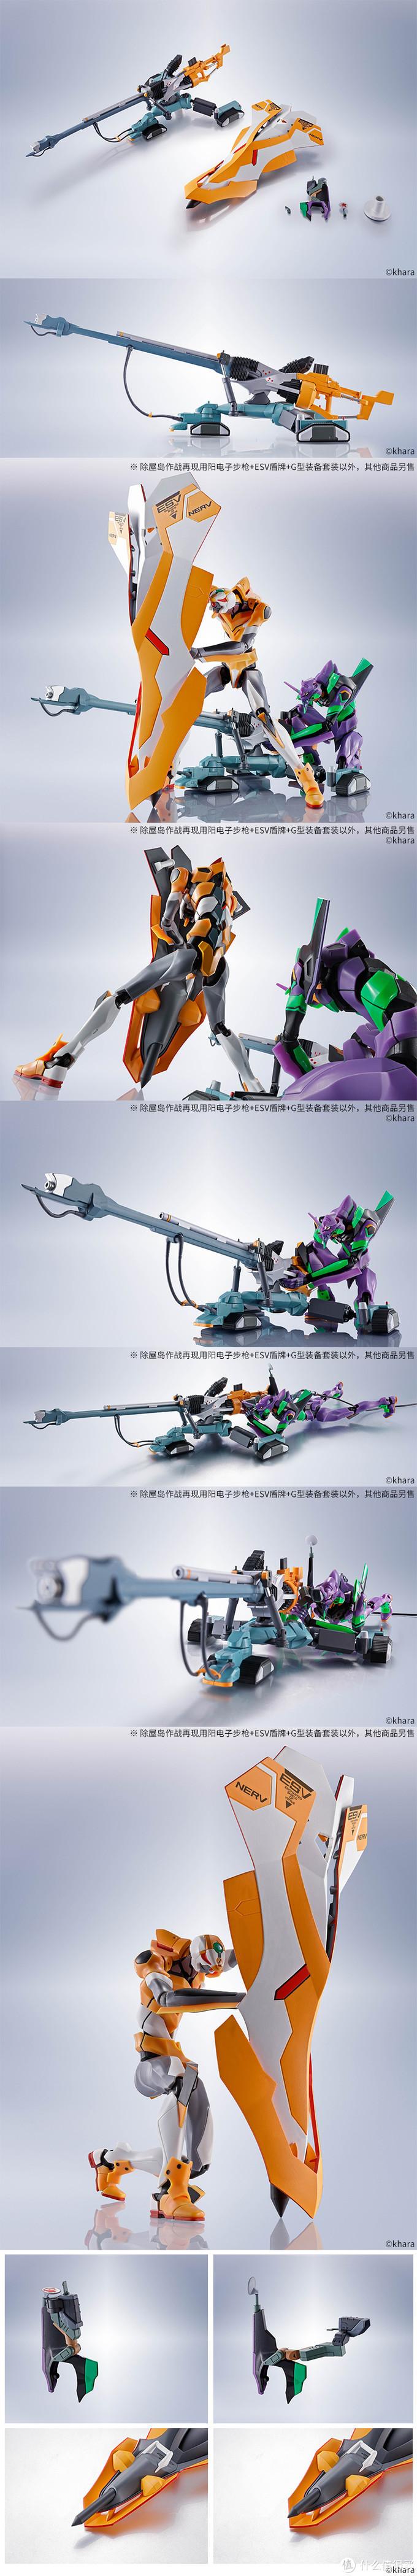 玩模总动员:万代公布Robot魂EVA新剧场版系列最新产品,屋岛作战装备